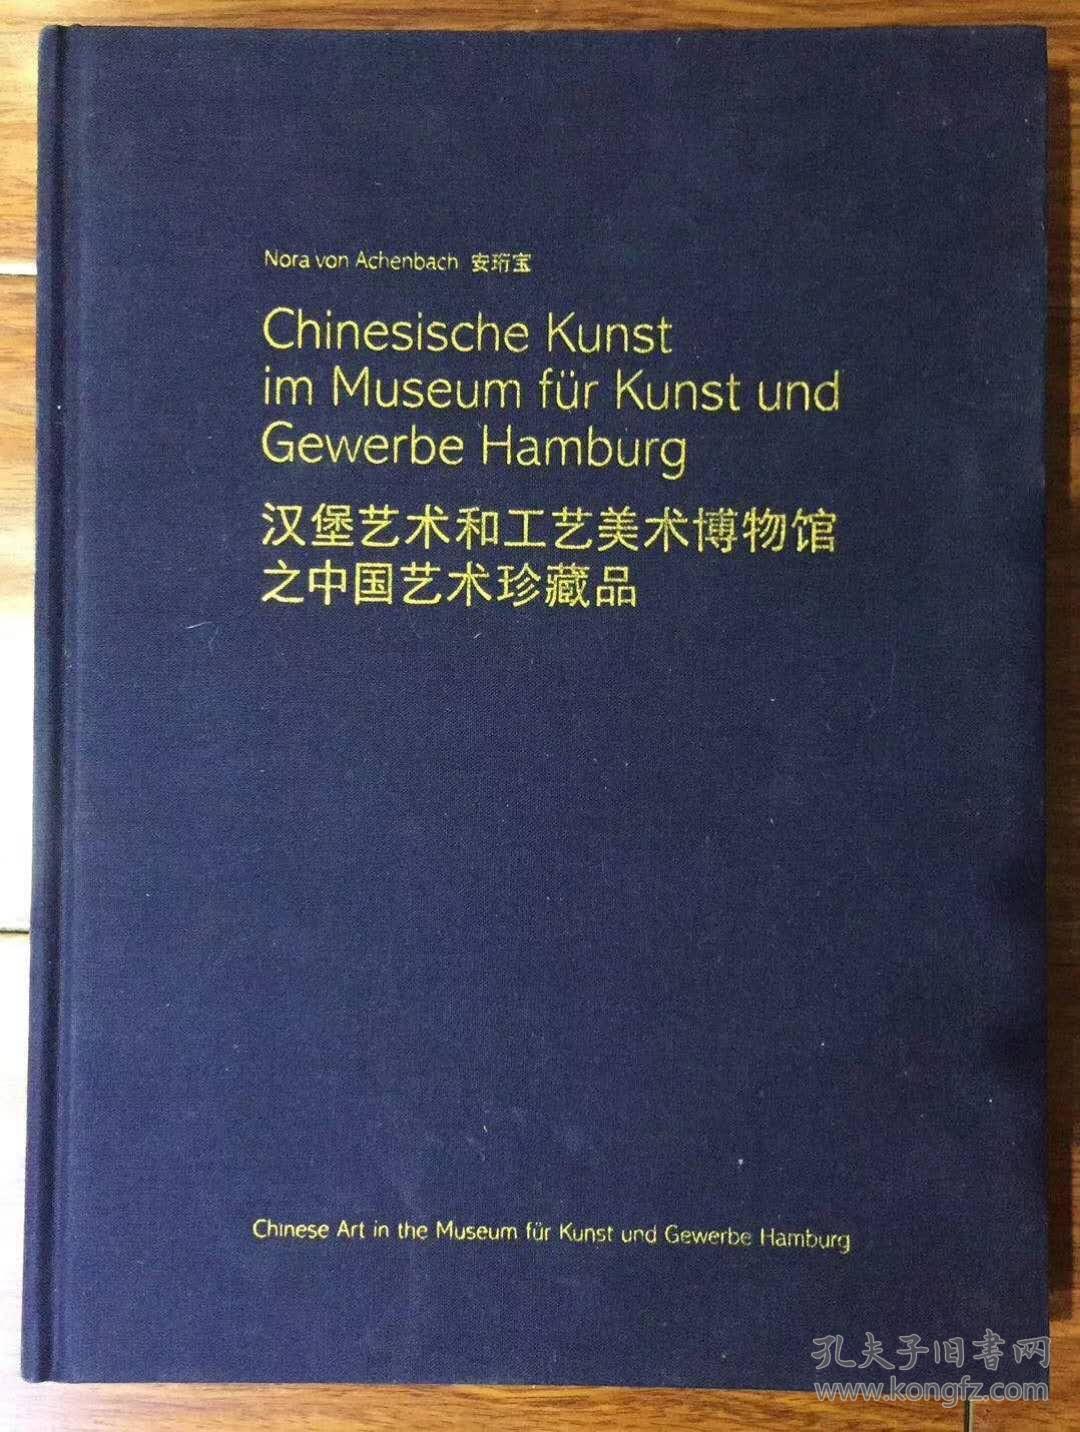 汉堡艺术和工艺美术博物馆之艺术珍藏品.8开本 大厚册 385页.图片